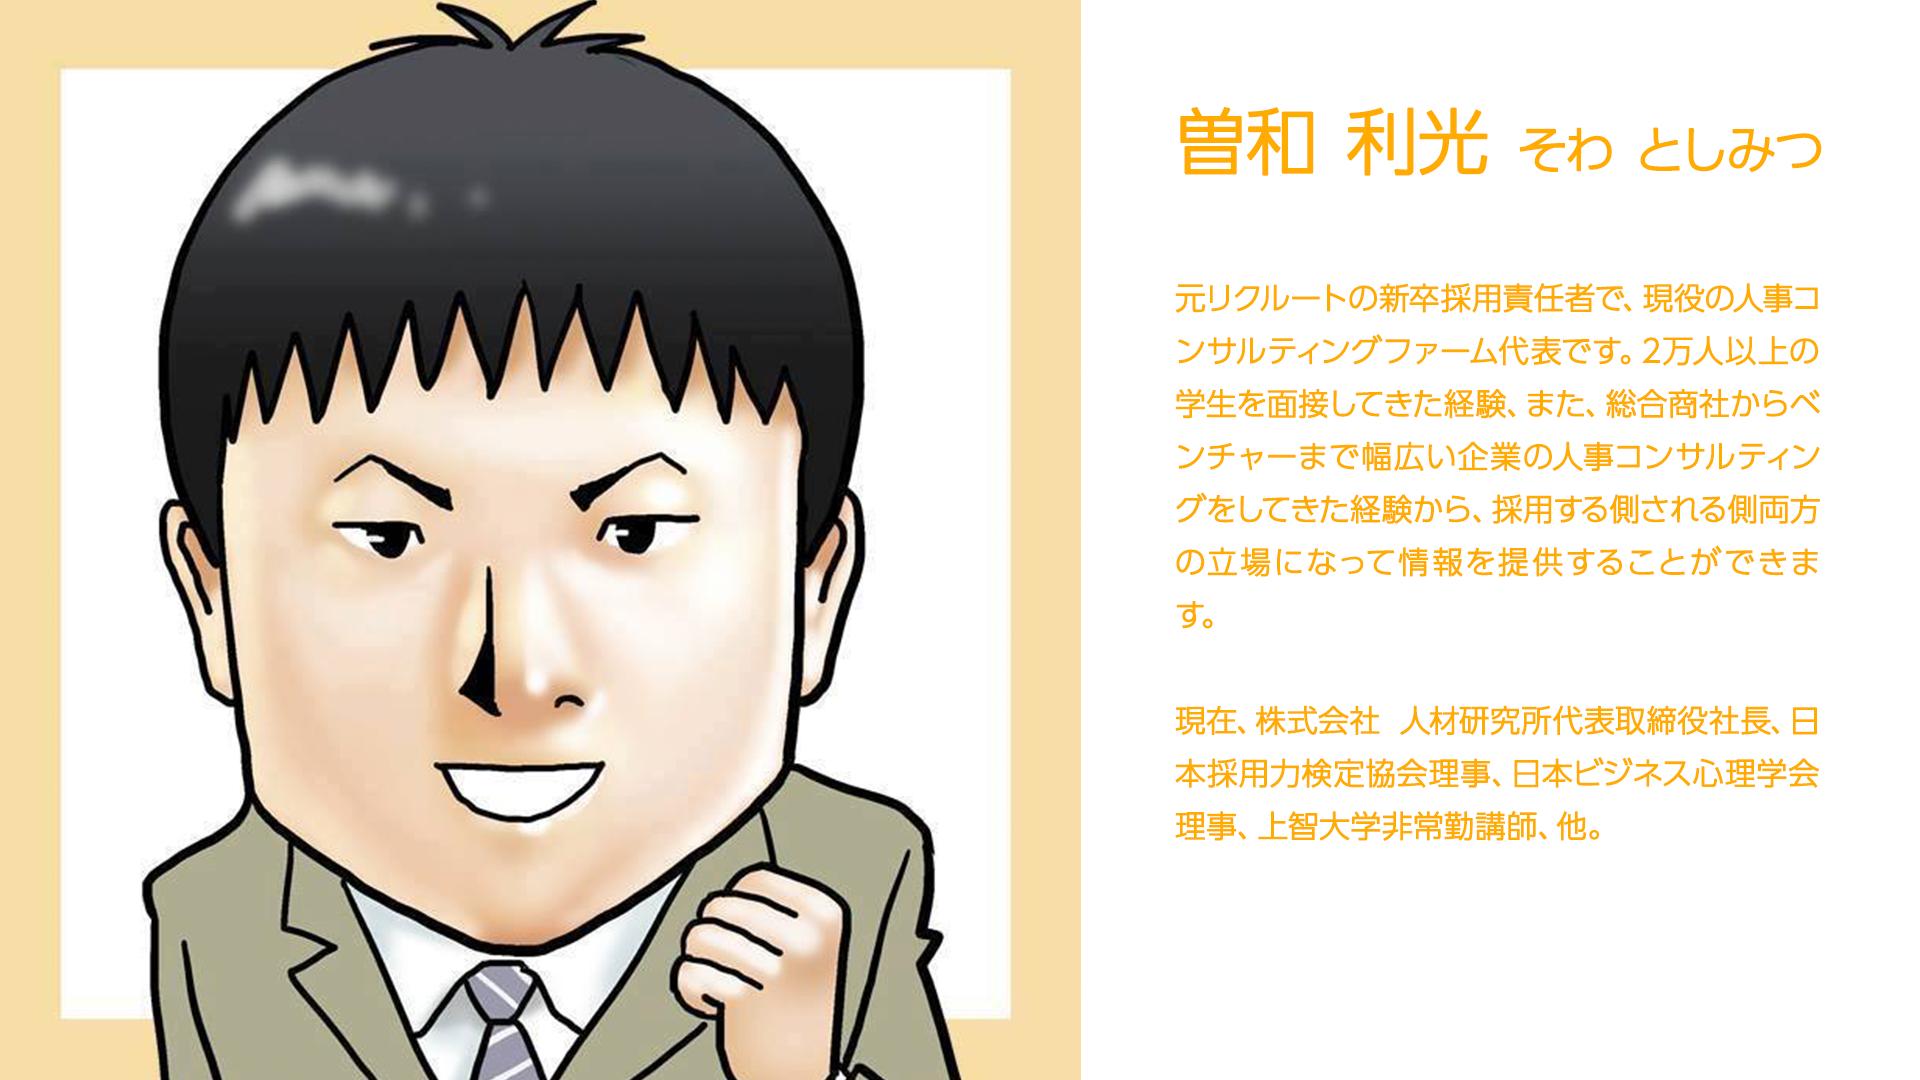 曽和先生は、昔はリクルートやベンチャー企業の人事責任者として活躍して、今は人事コンサルタントでテレビや雑誌のコメンテーターとしても登場しています。